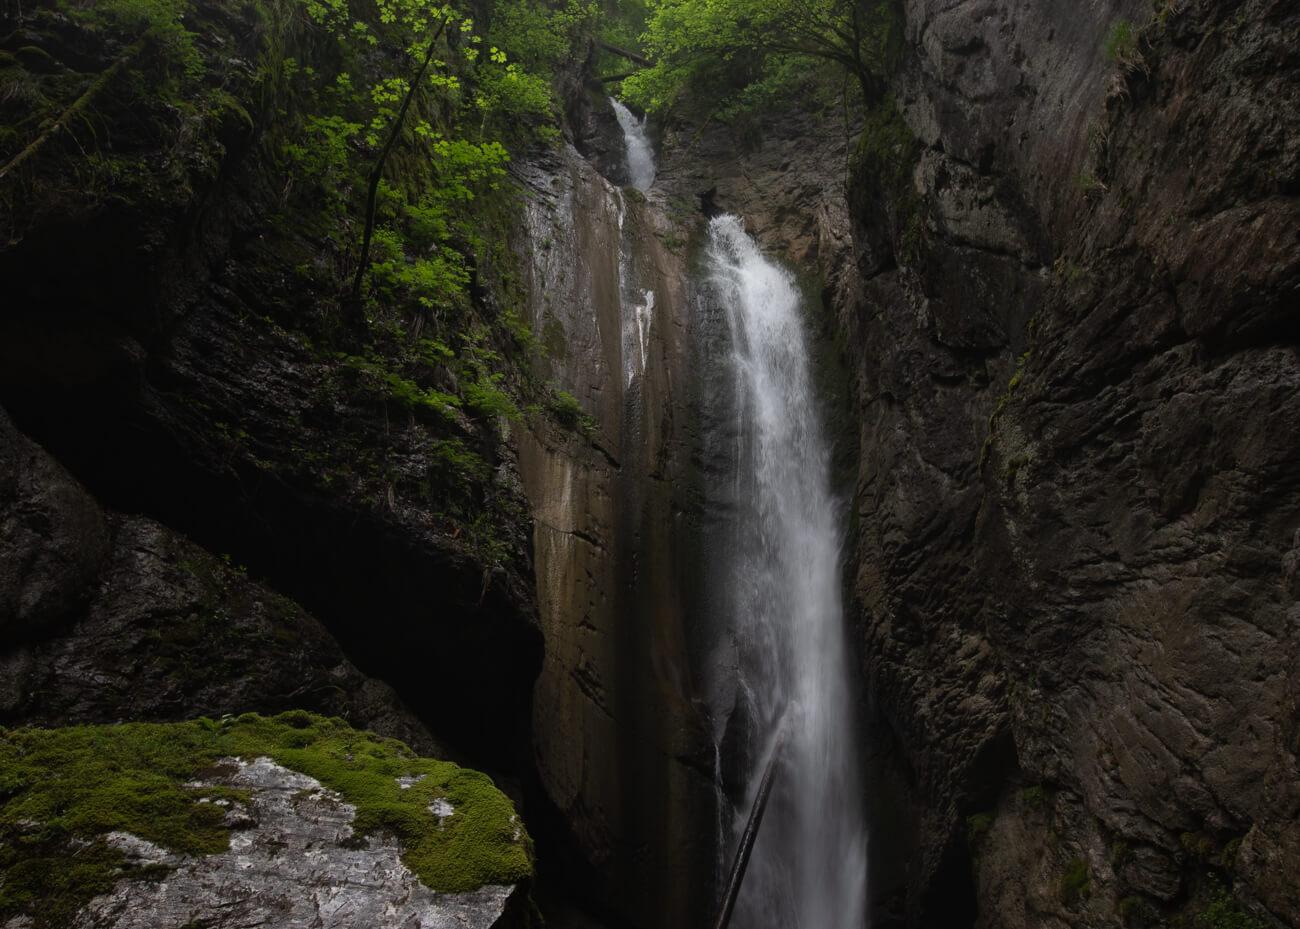 Cascades proches du lac d'Annecy - La cascade de la belle inconnue